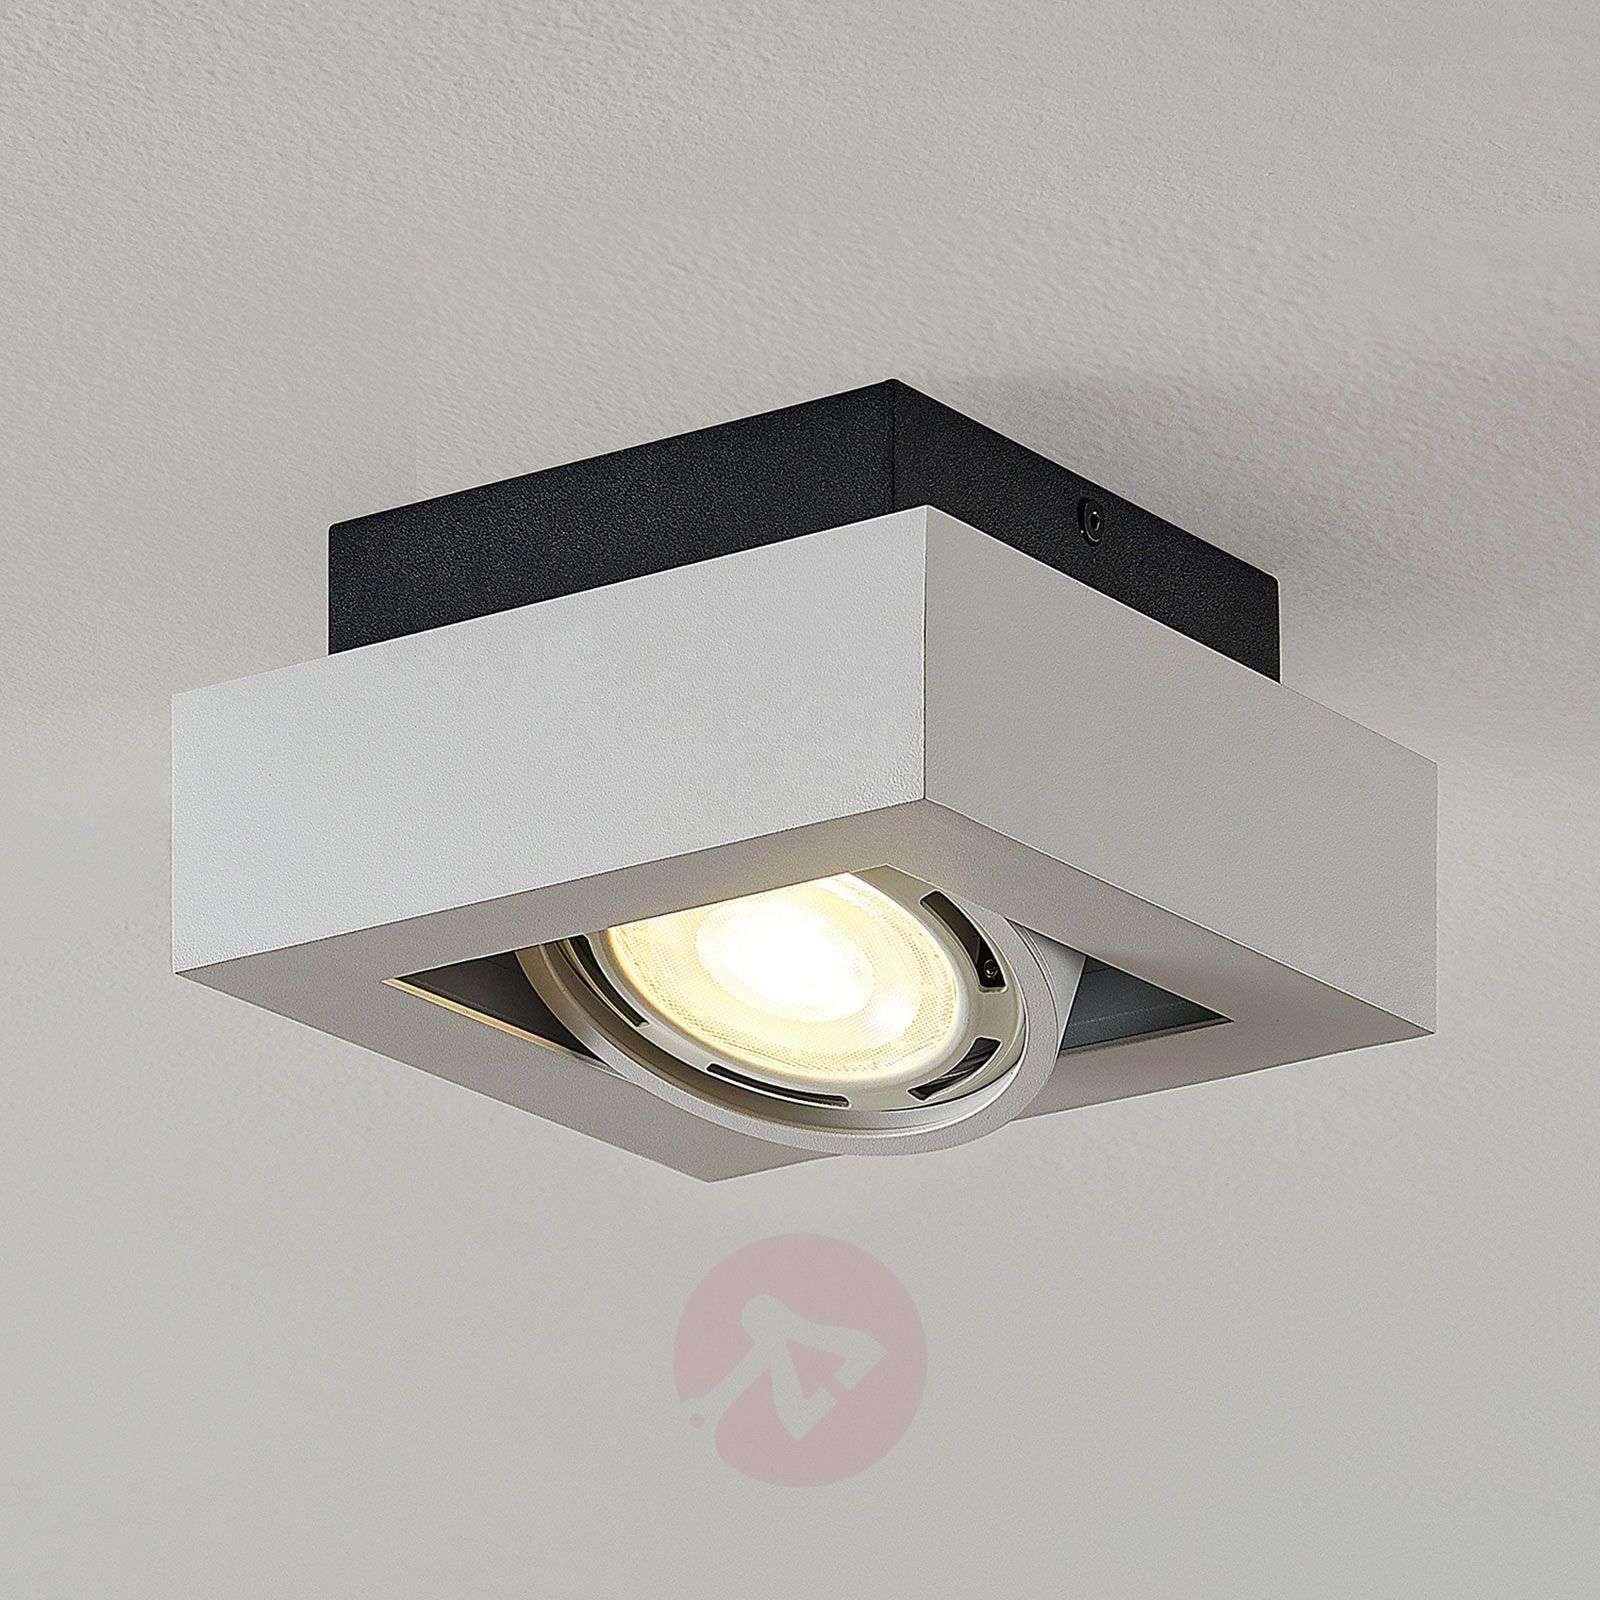 LED-kattospotti Ronka, GU10, 1-lamppuinen, valk.-9624446-01